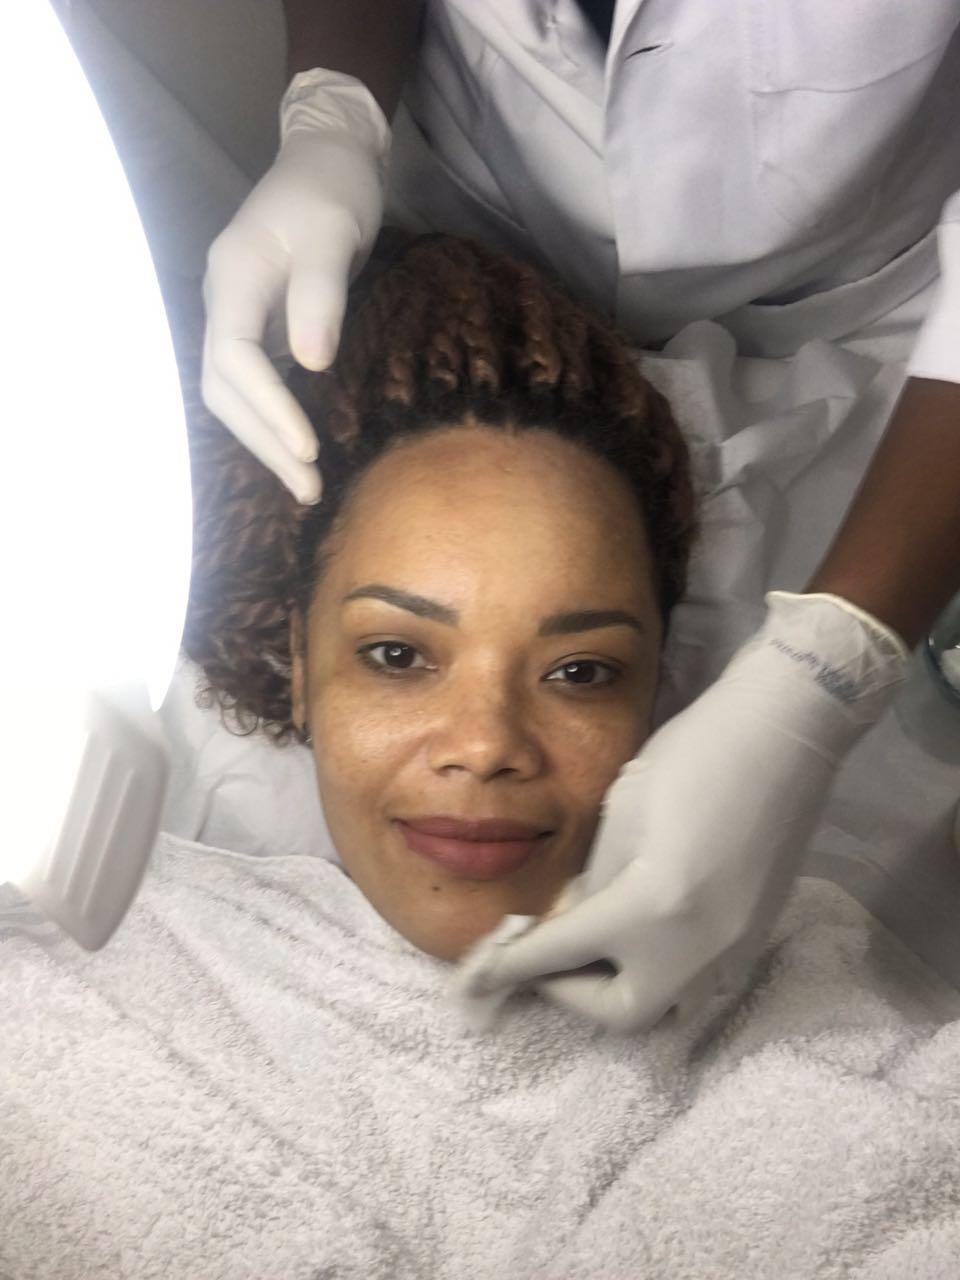 Limpeza de pele: saiba como manter o aspecto saudável e viçoso depois dos 30